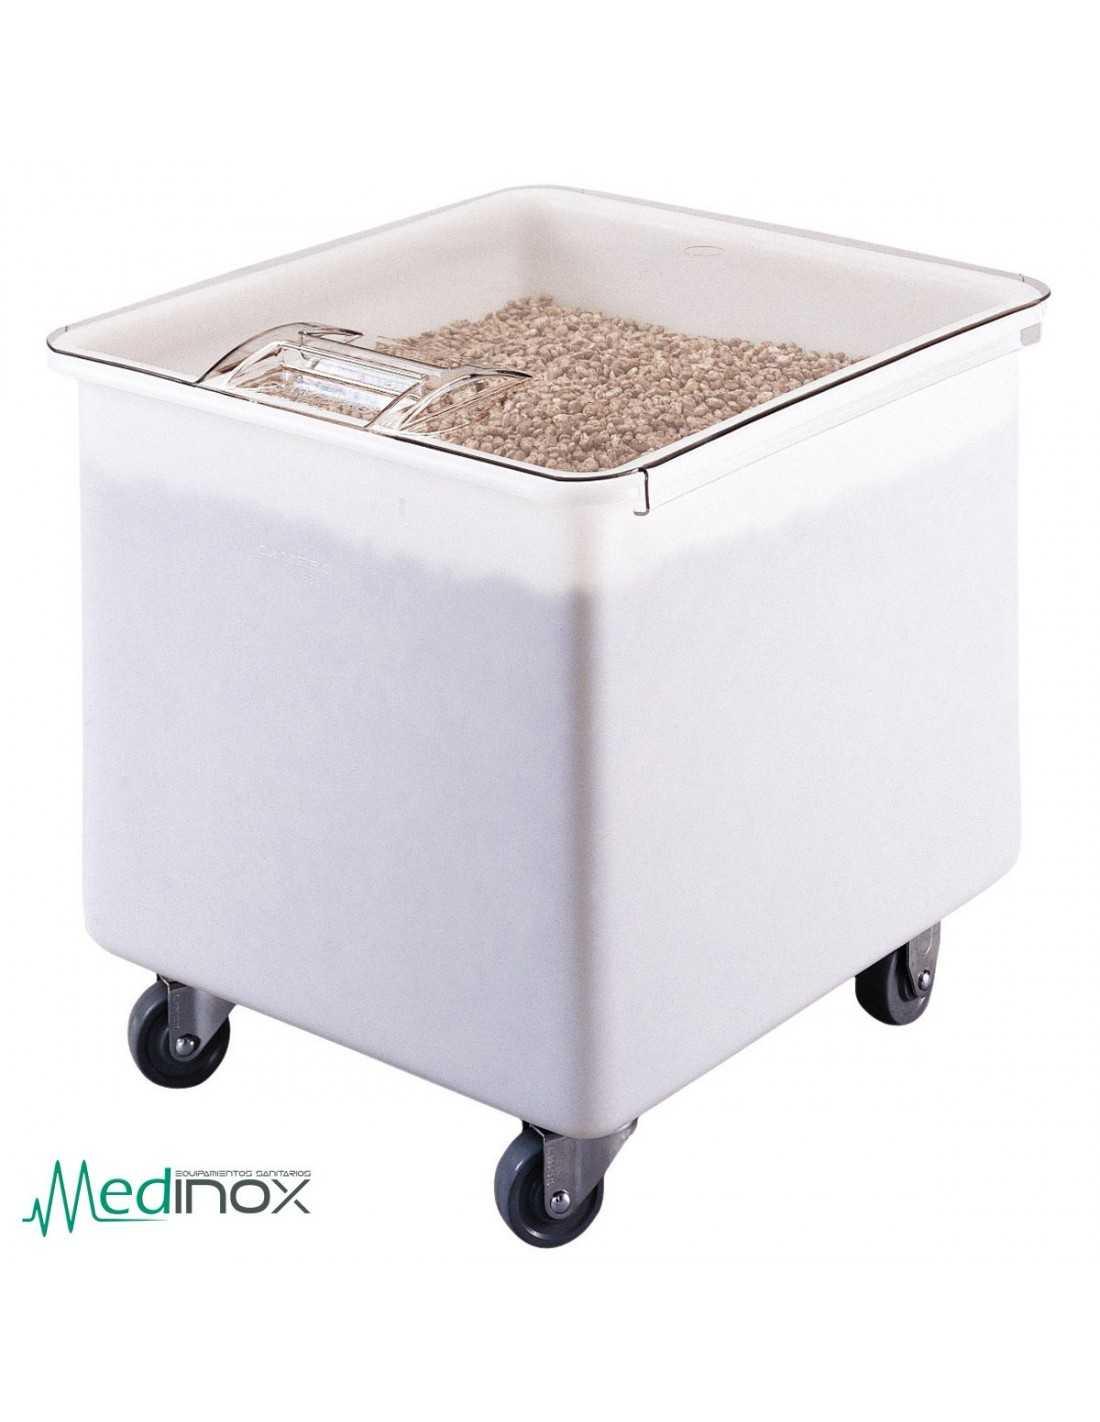 Cajas de almacenaje de plastico dmib32 con ruedas para - Cajas de almacenaje ...